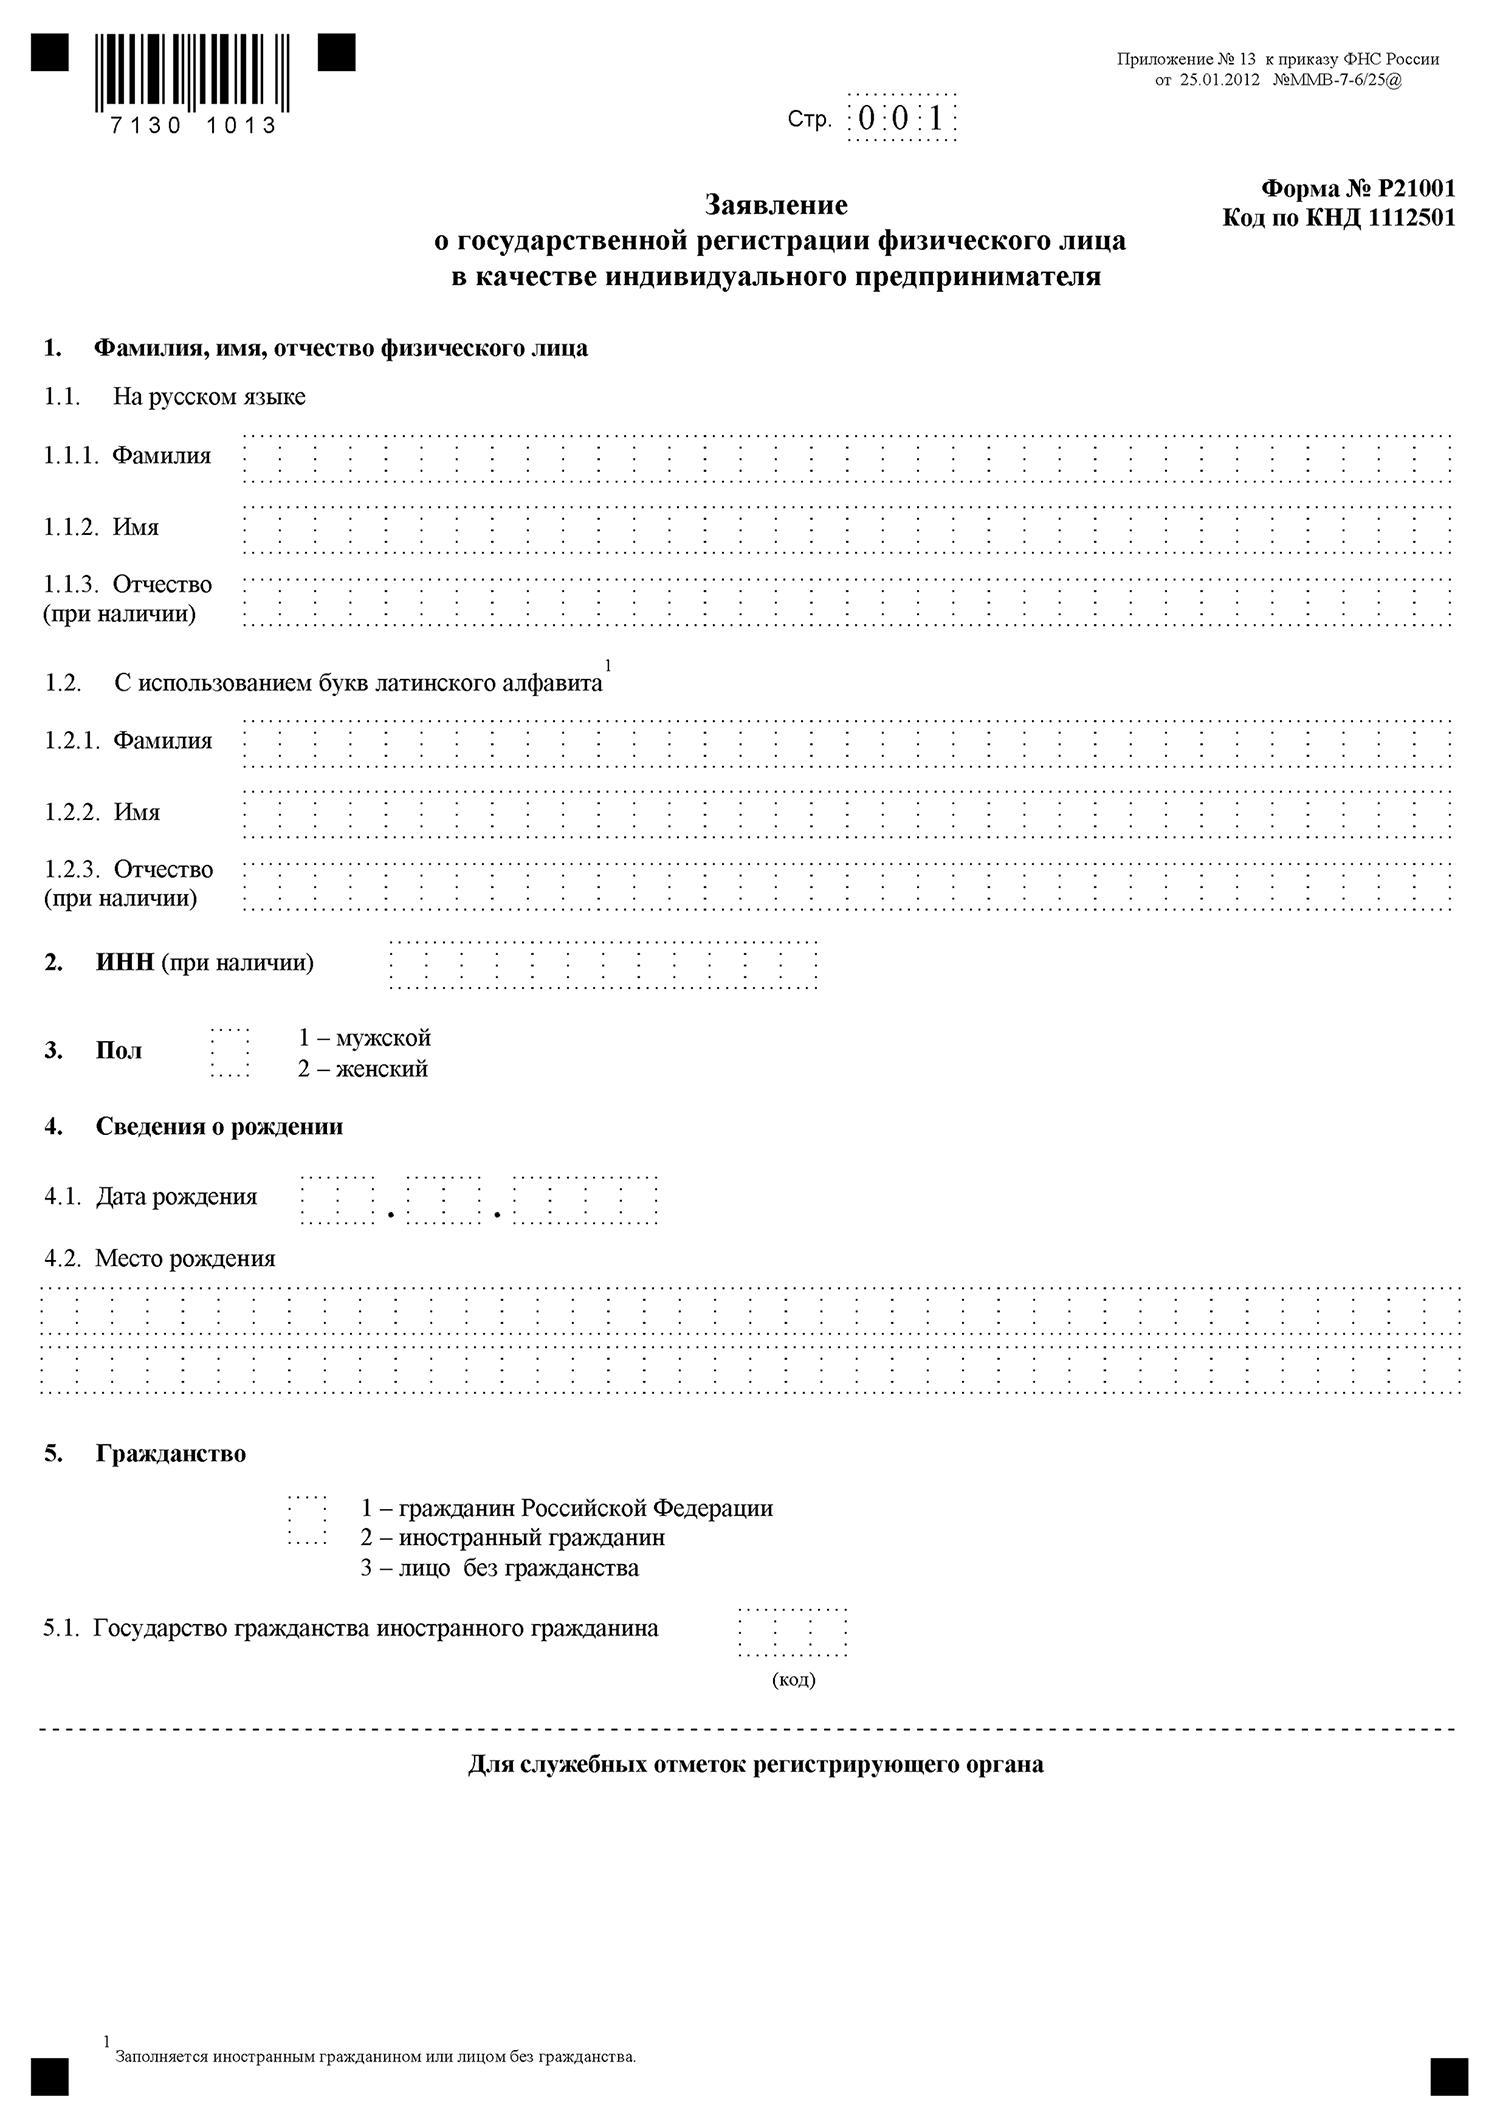 Образец заполнения заявления новой формы на регистрацию ип 3 ндфл декларация 2019 программа скачать nalog ru